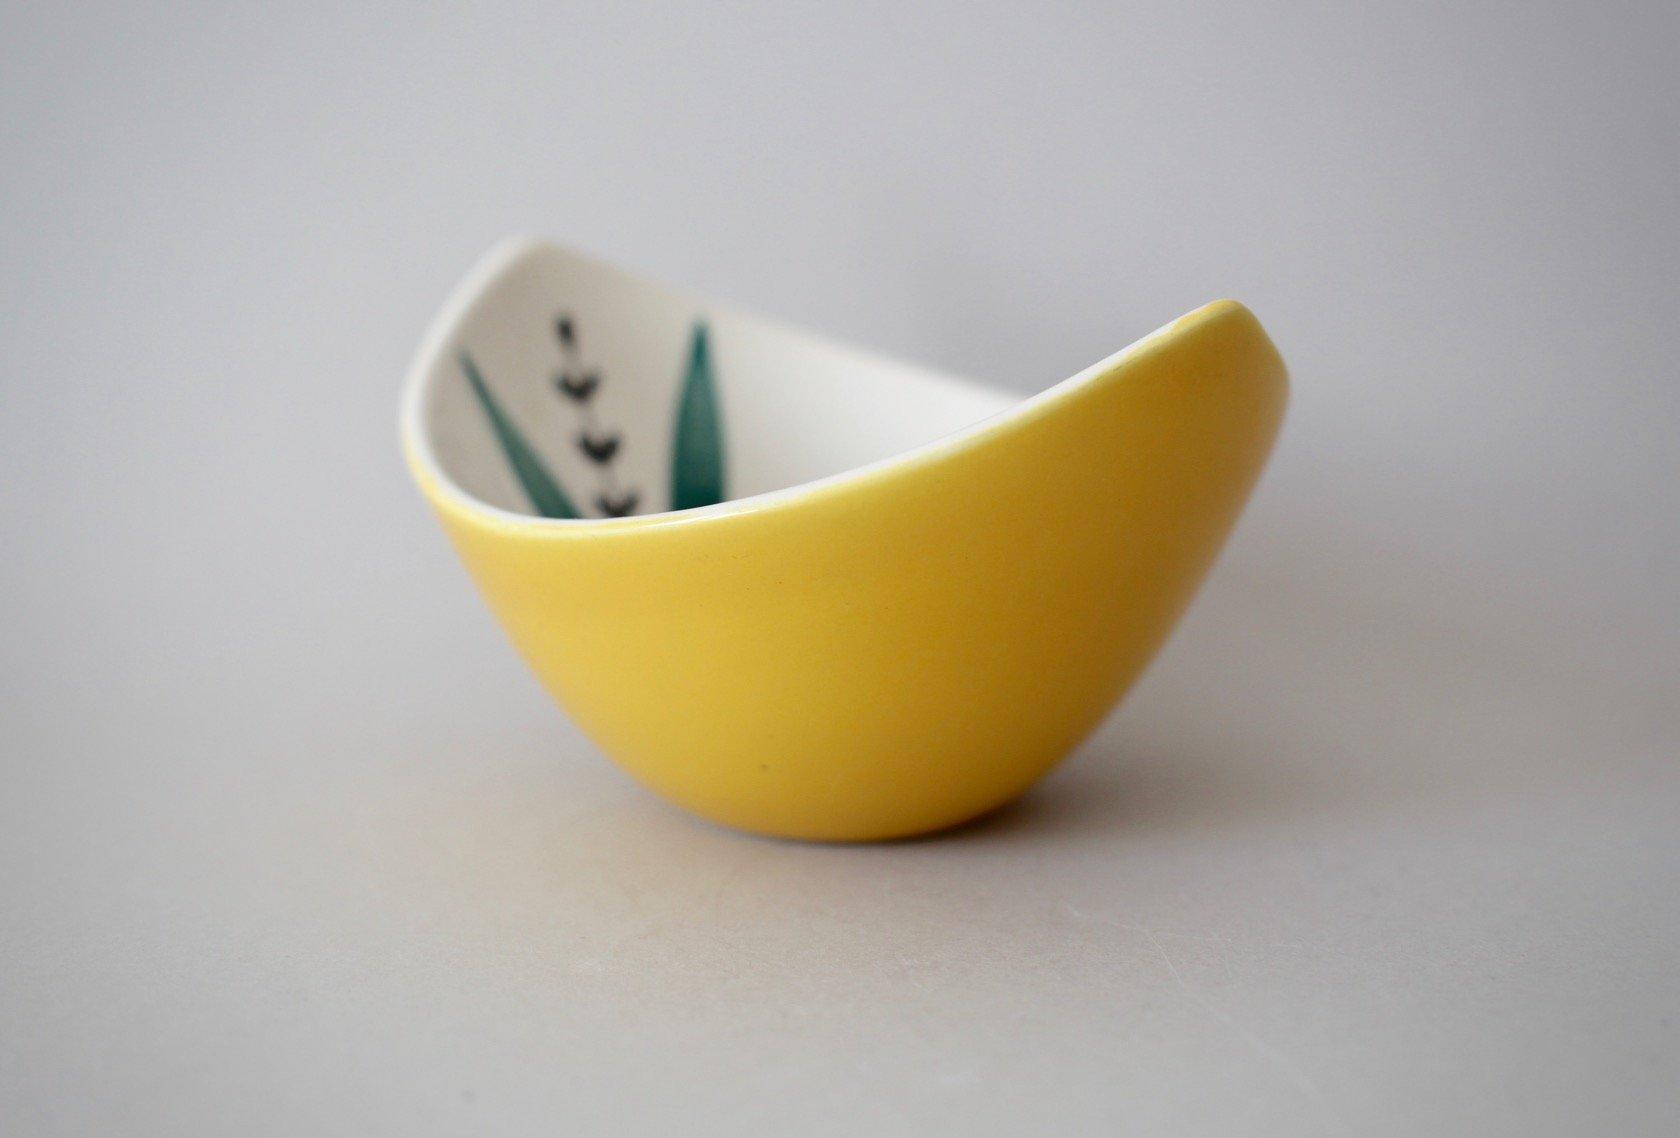 Vintage Fiskevaer Ceramic Bowl by Inger Waage for Stavangerflint for ...